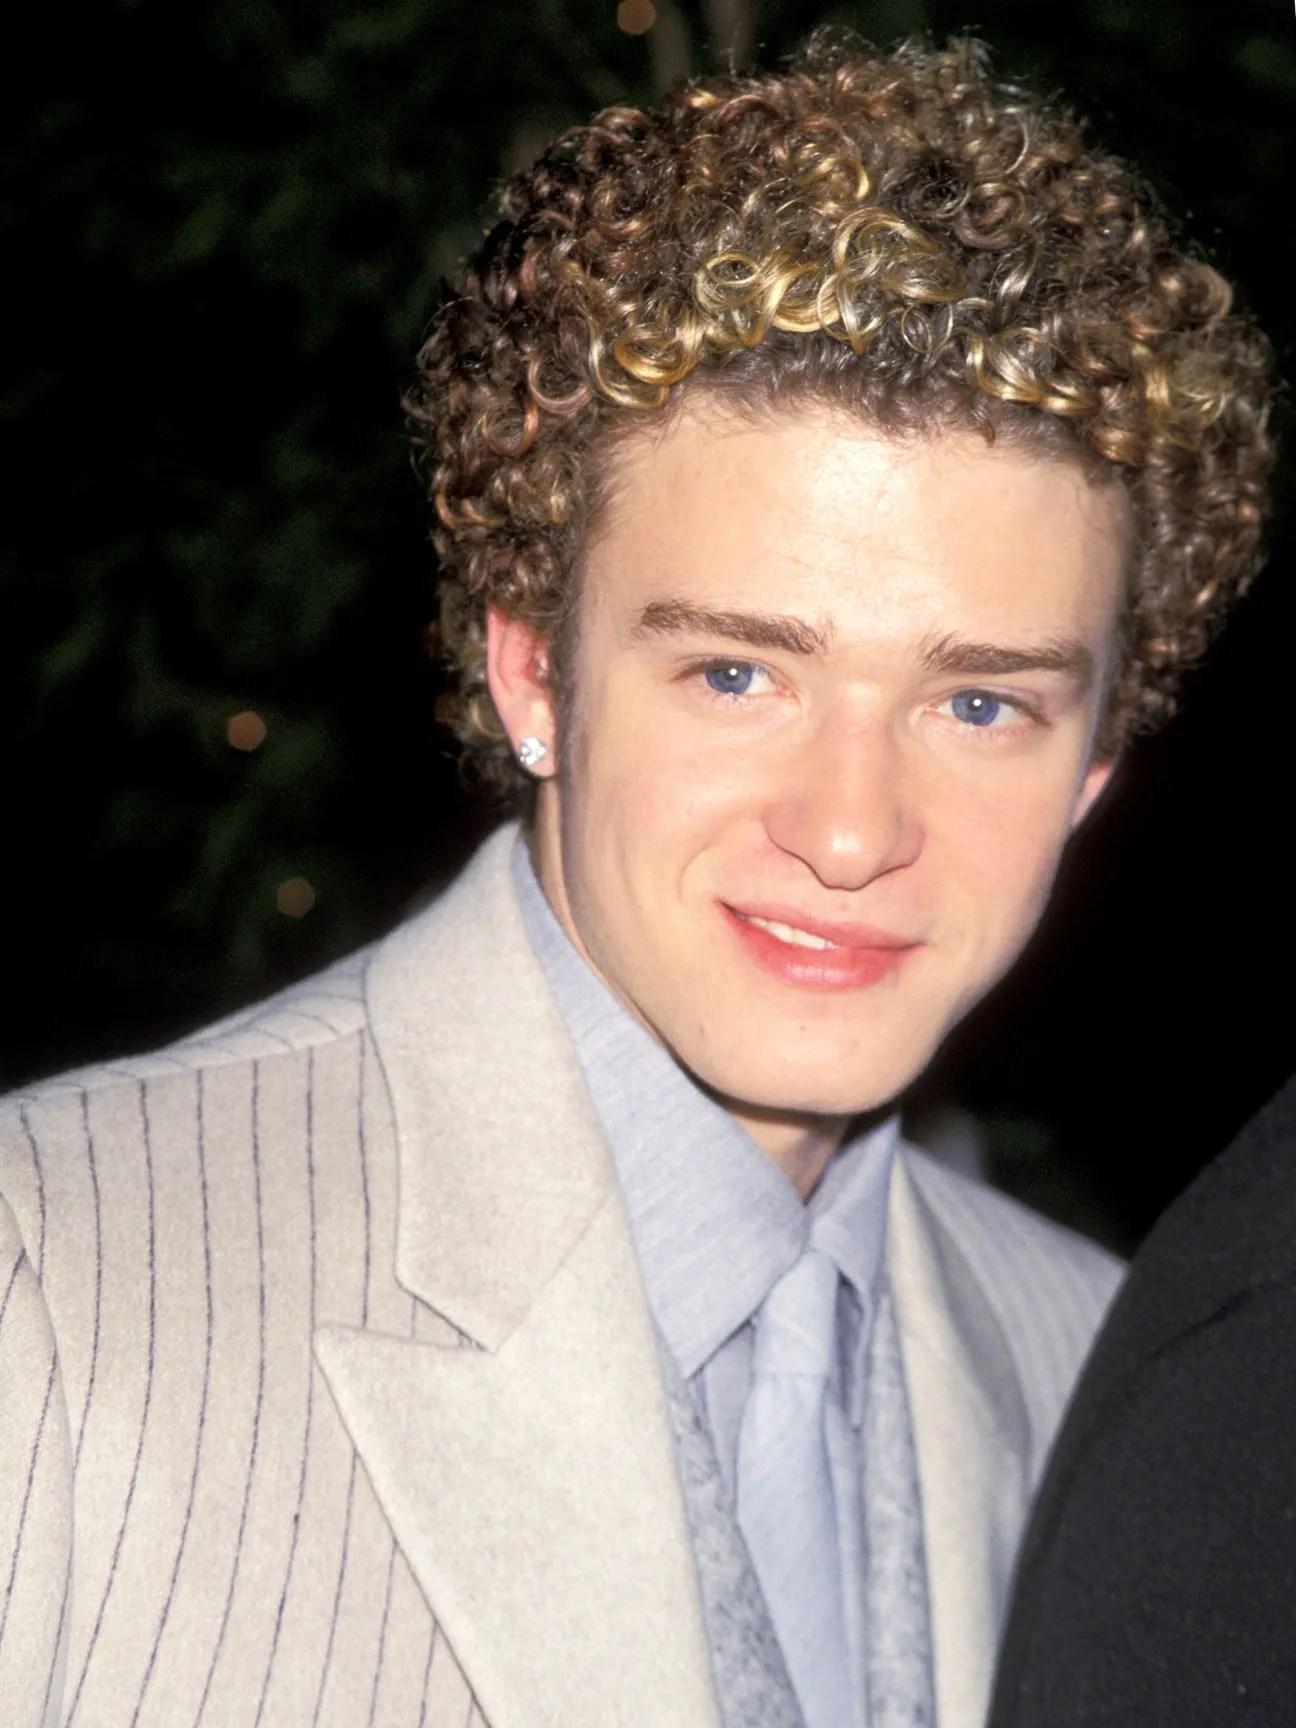 Justin Timberlake Ramen Hair : justin, timberlake, ramen, Justin, Timberlake, Survived, Frosted, Became, Grooming, Legend